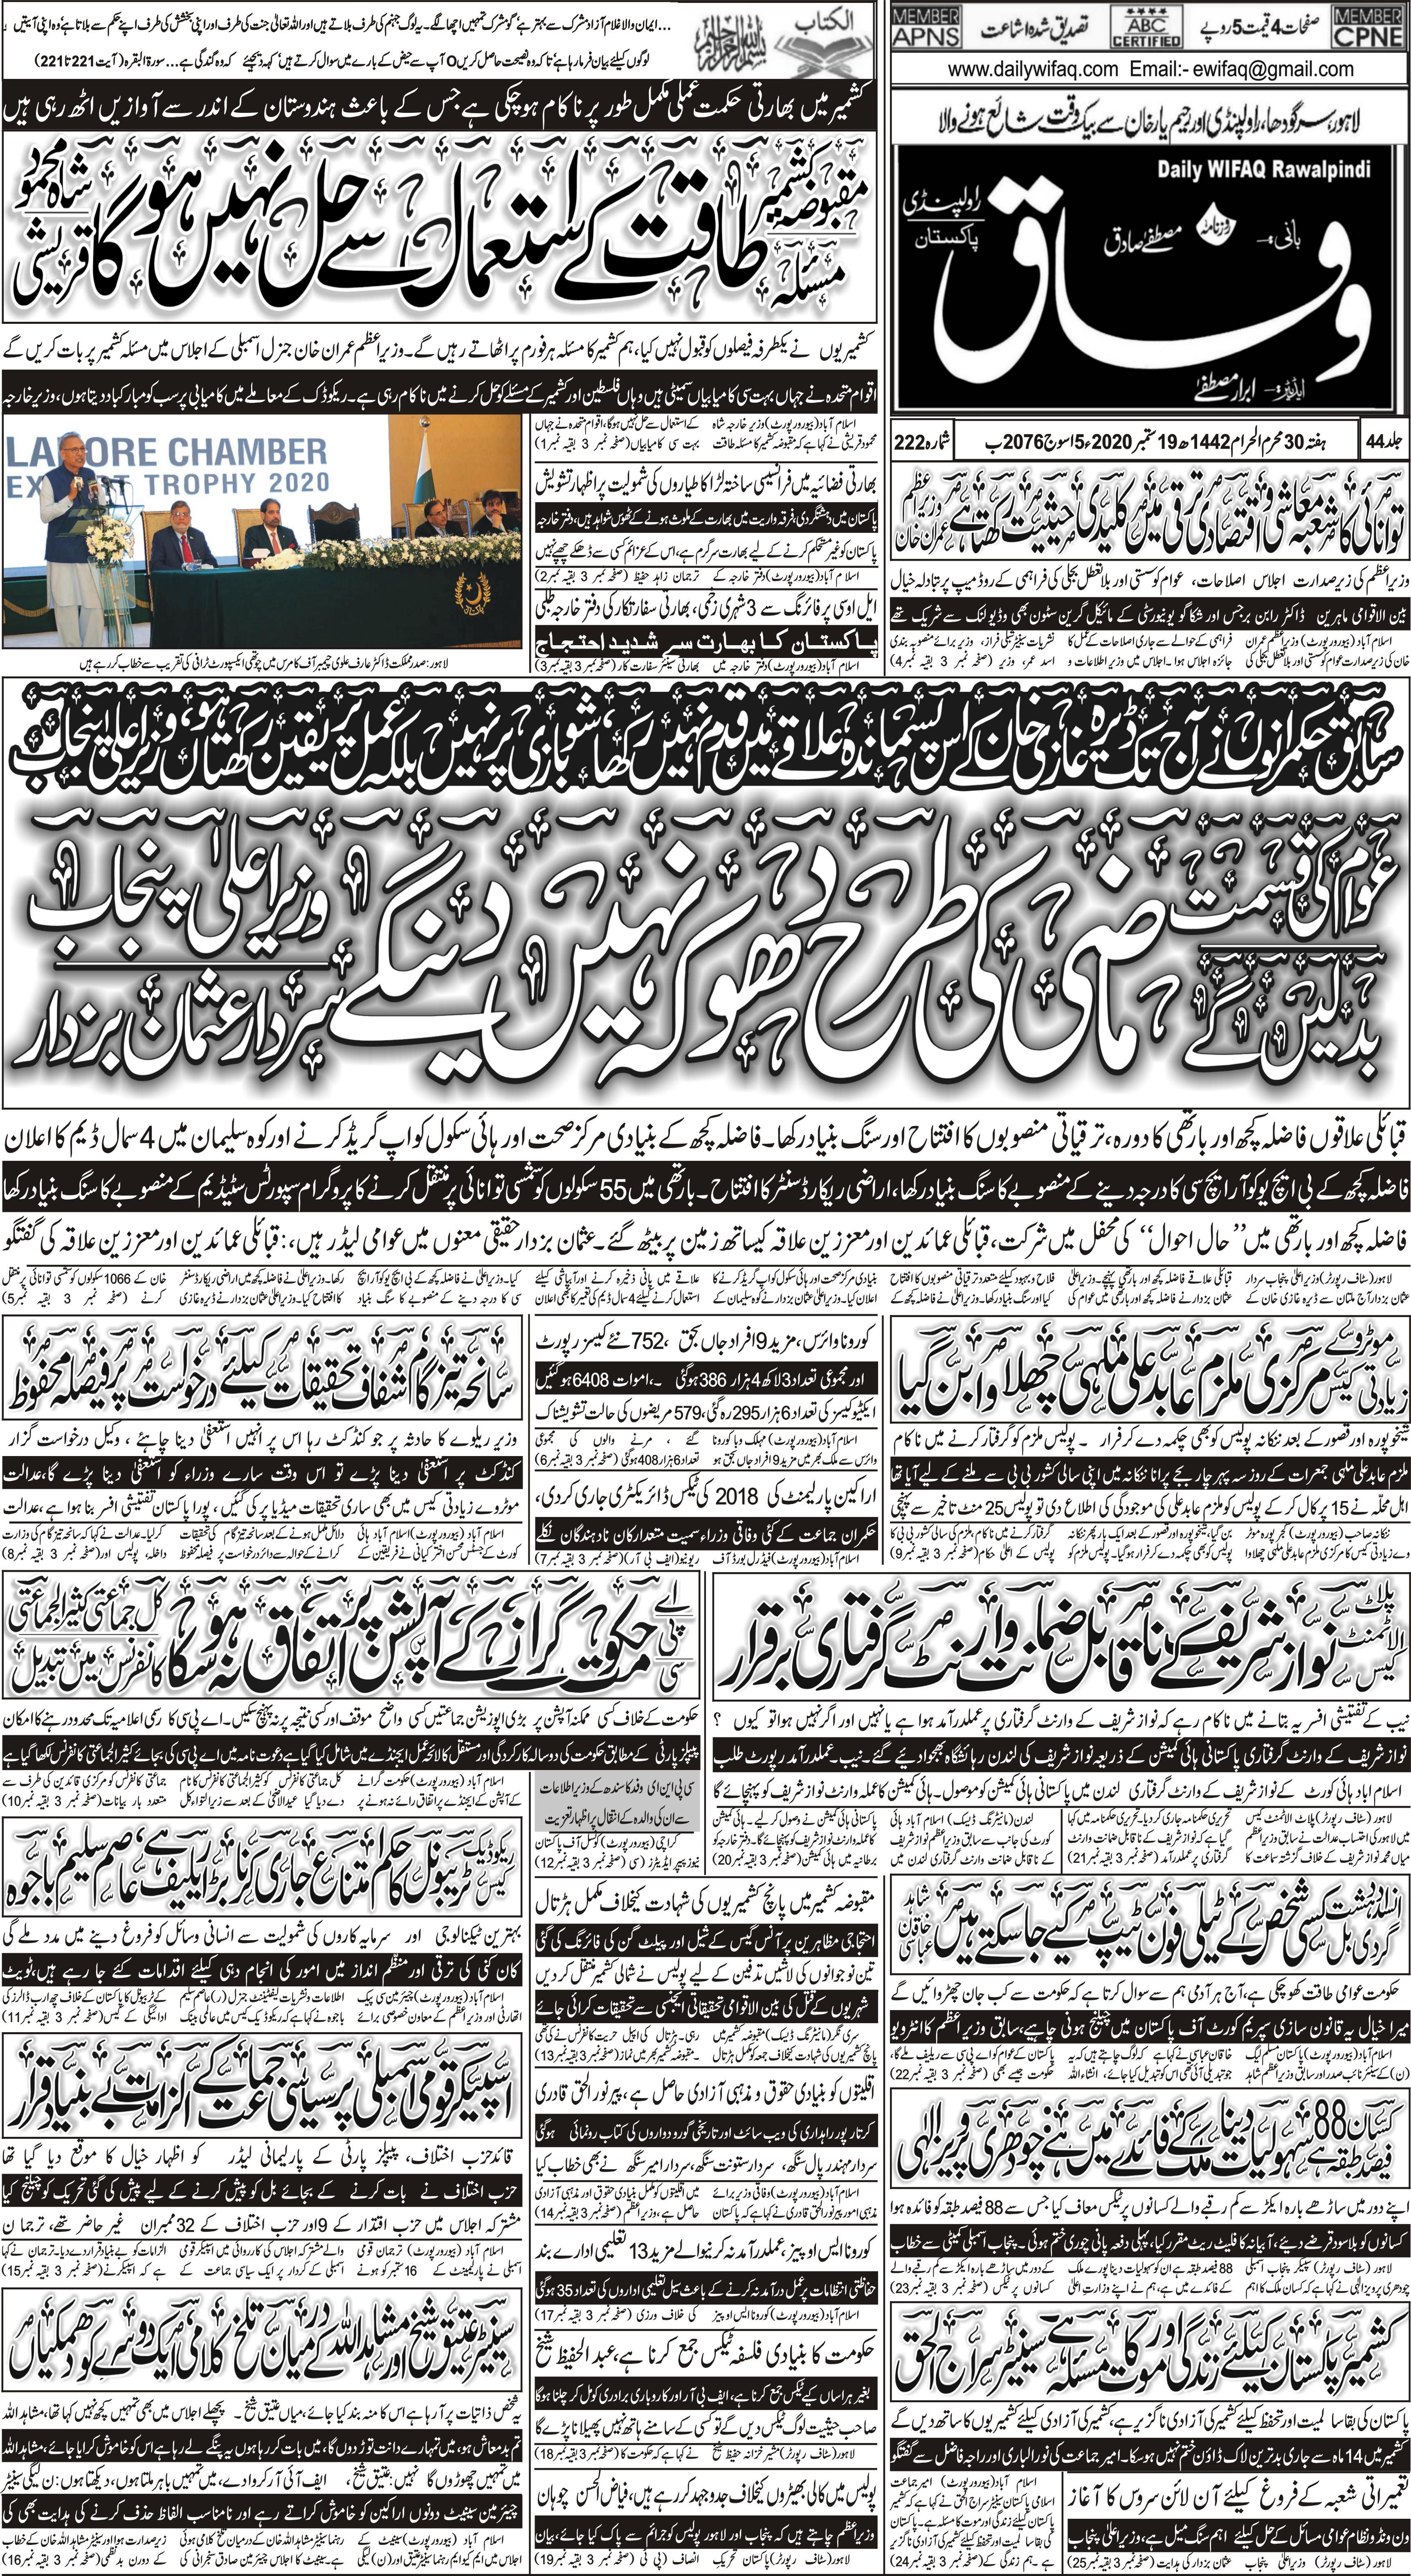 e-Paper – Daily Wifaq – Rawalpindi – 19-09-2020